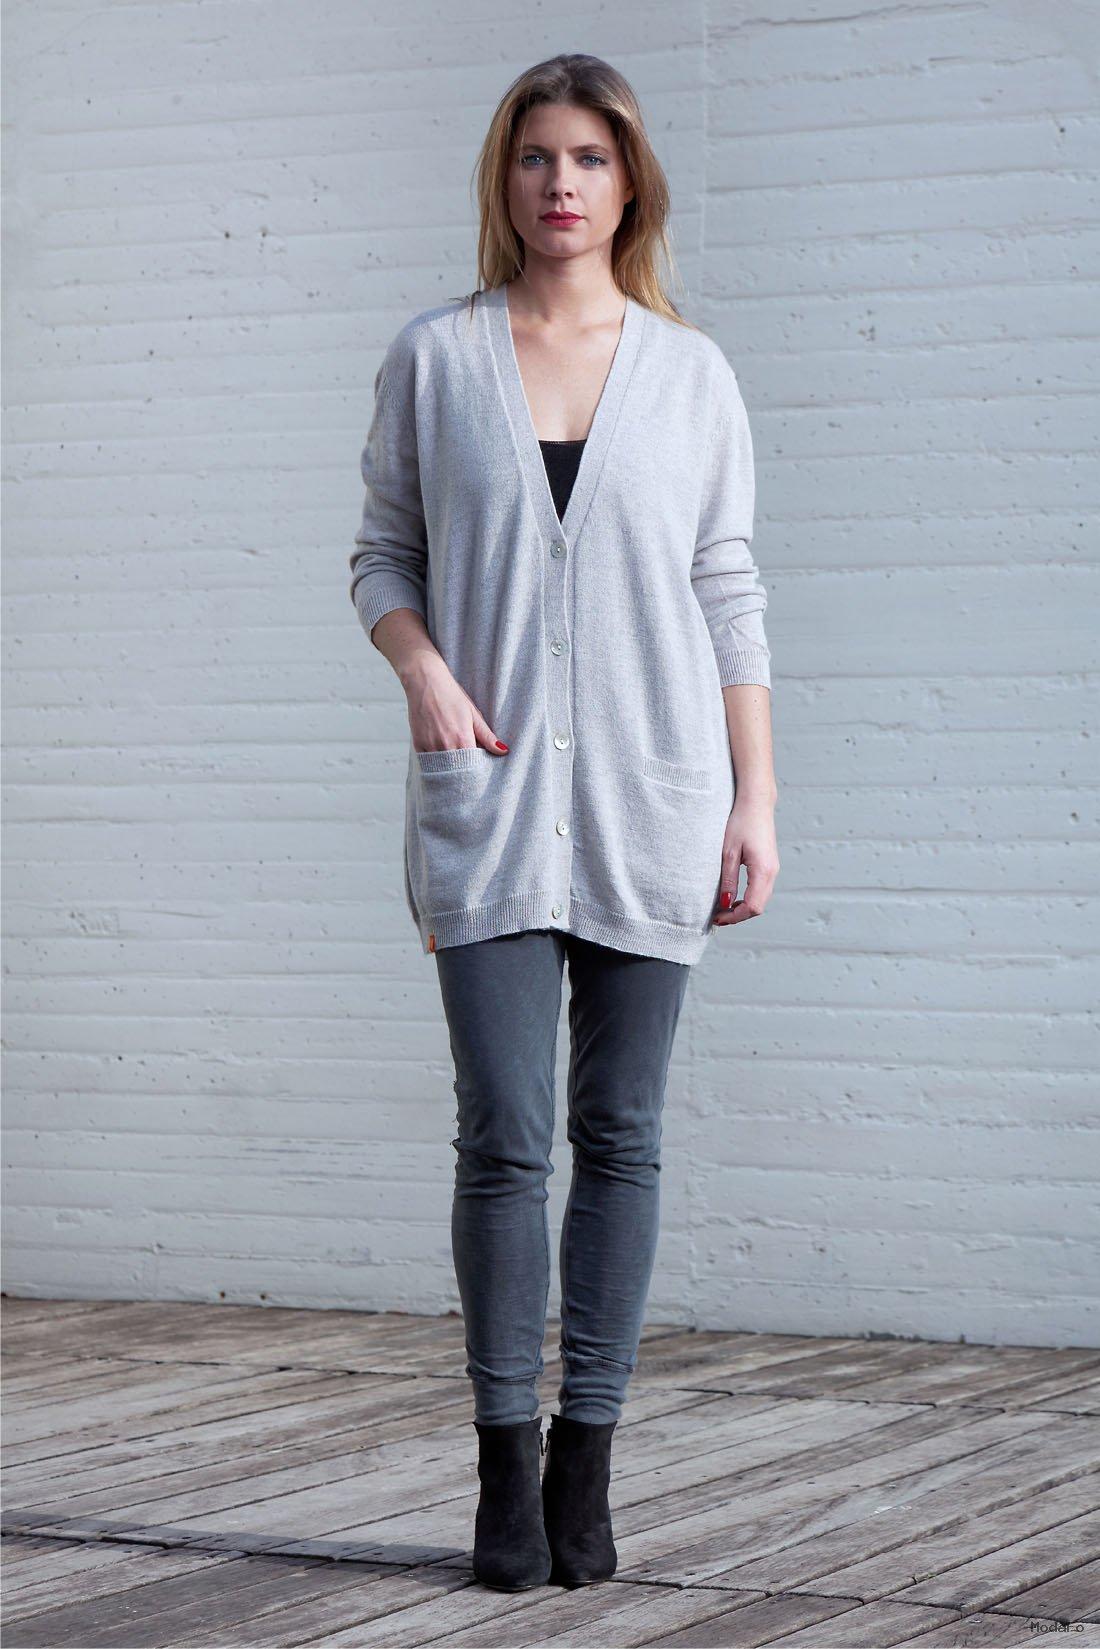 Ma[e]vy Concept   Fall/ Winter 2014 - Uzun hırka modelleri Uzun Hırka Kombinleri Uzun Hırka Modası Uzun Kış Modası Hırka Kombinleri